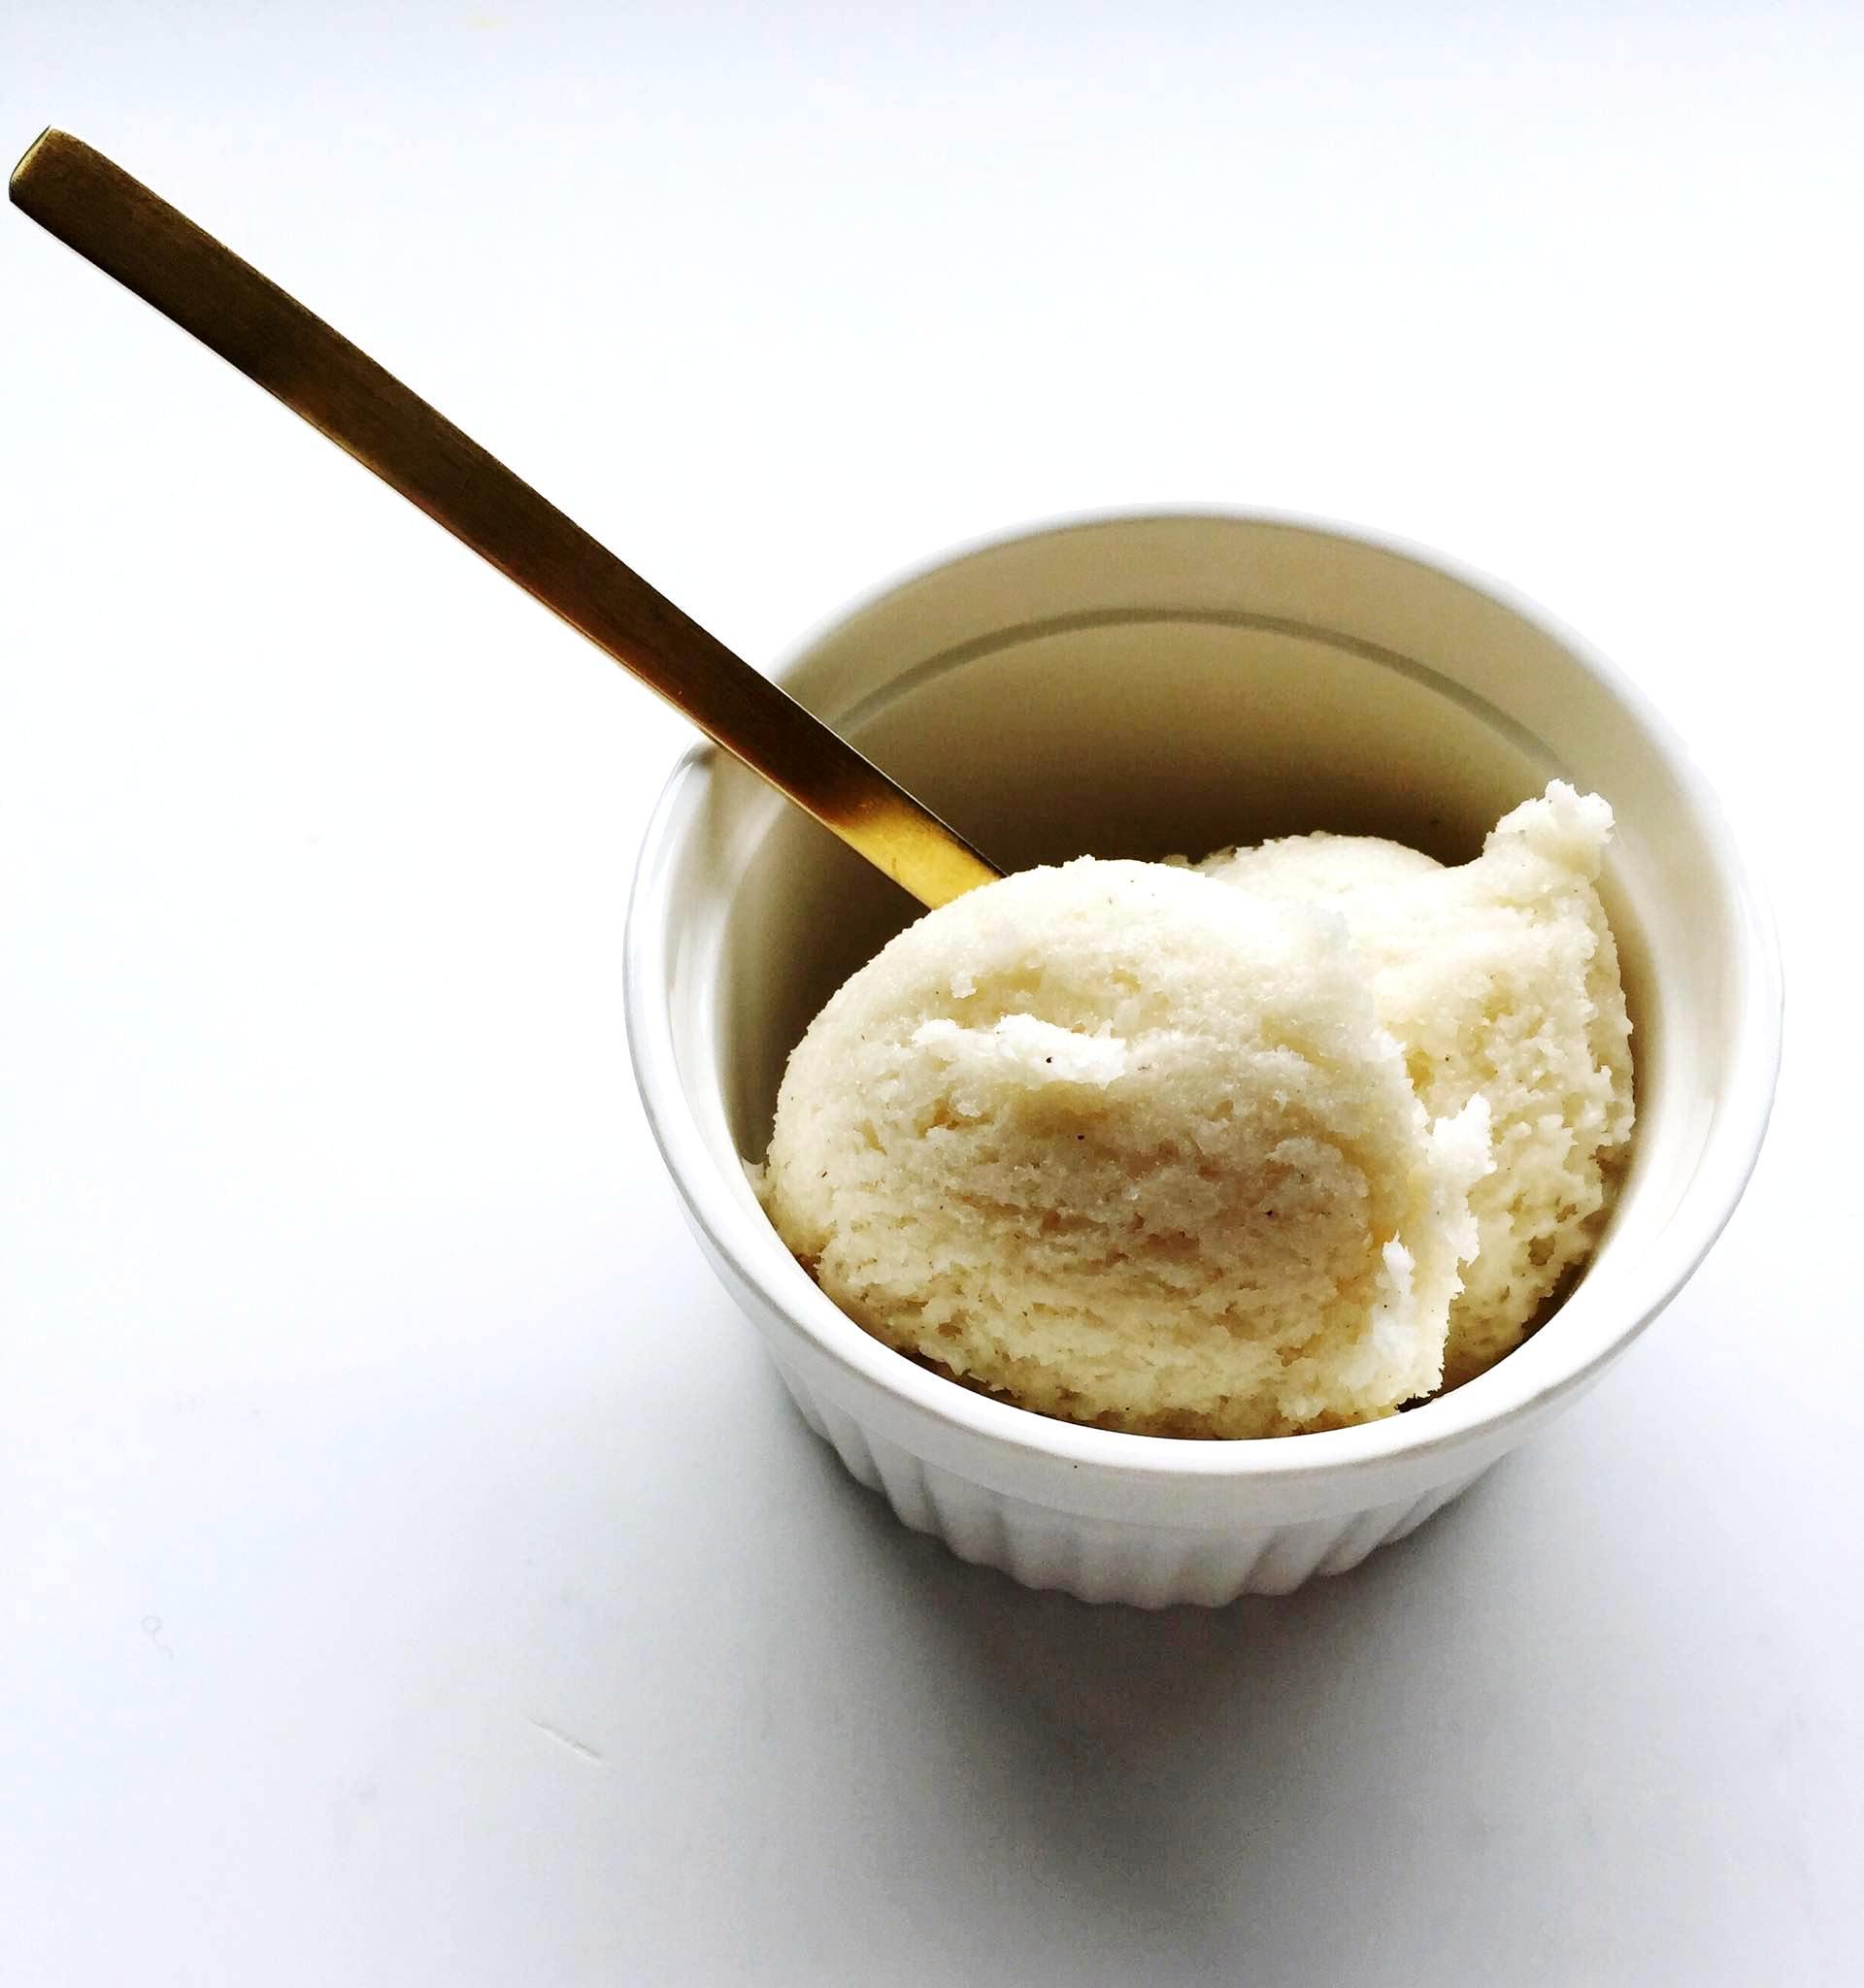 Δεν υπάρχει πιο καλοκαιρινό παγωτό απ'το καϊμάκι! Δεν υπάρχει πιο δροσιστικό άρωμα απ'αυτό της μαστίχας!